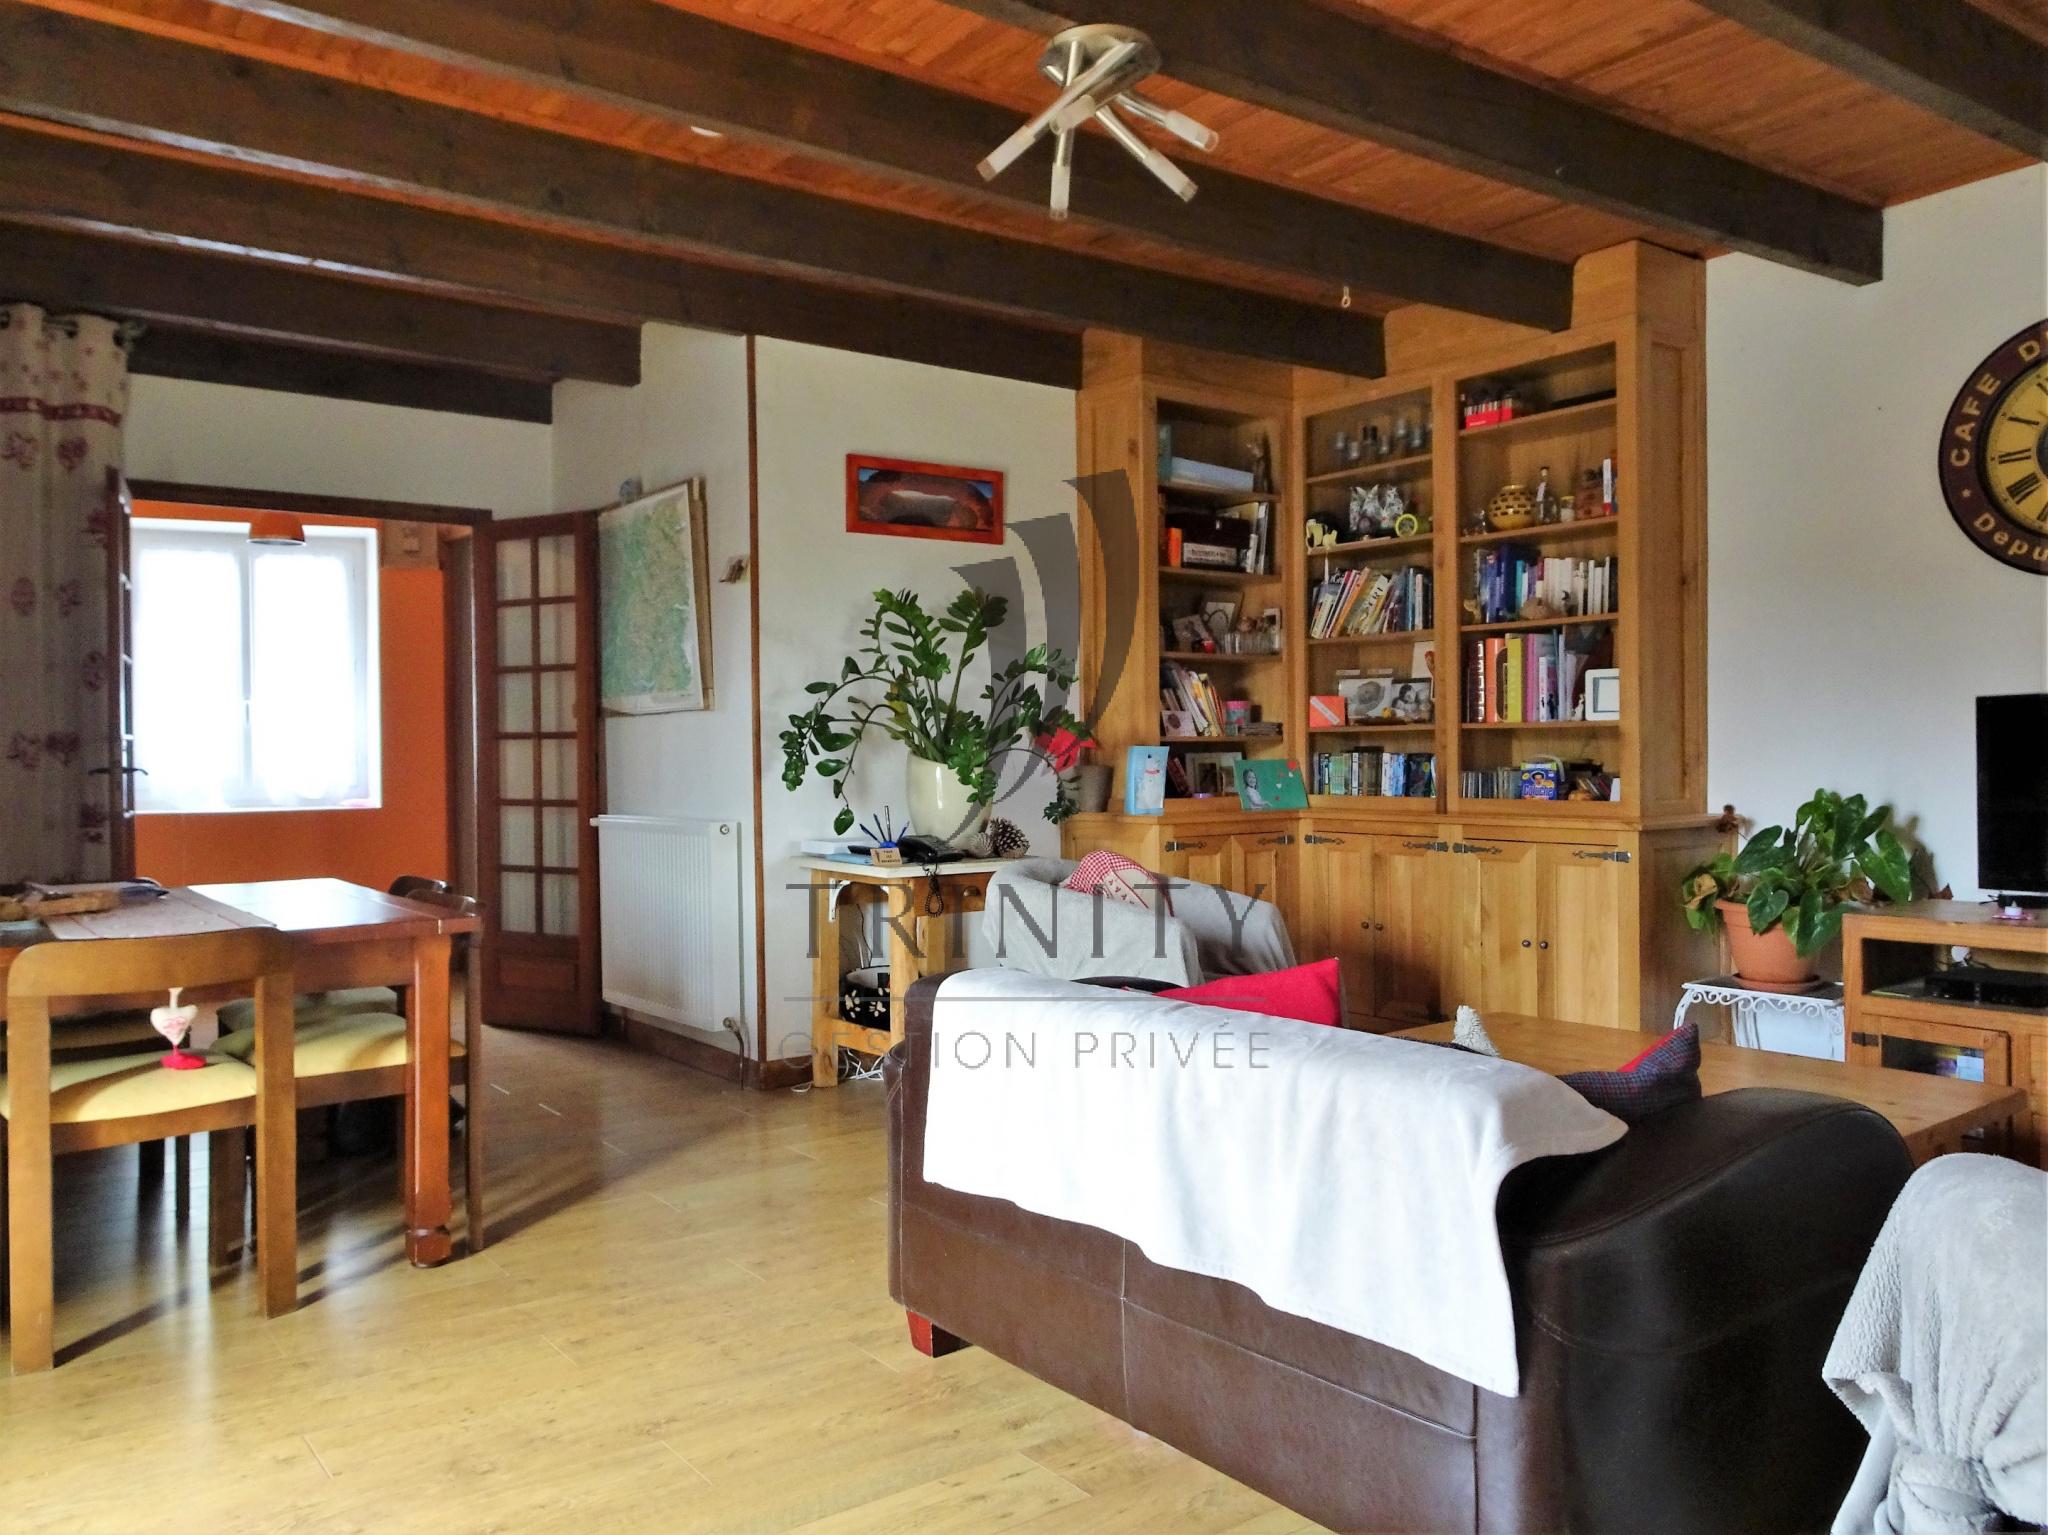 vente maison en pierre de taille de 1800. Black Bedroom Furniture Sets. Home Design Ideas